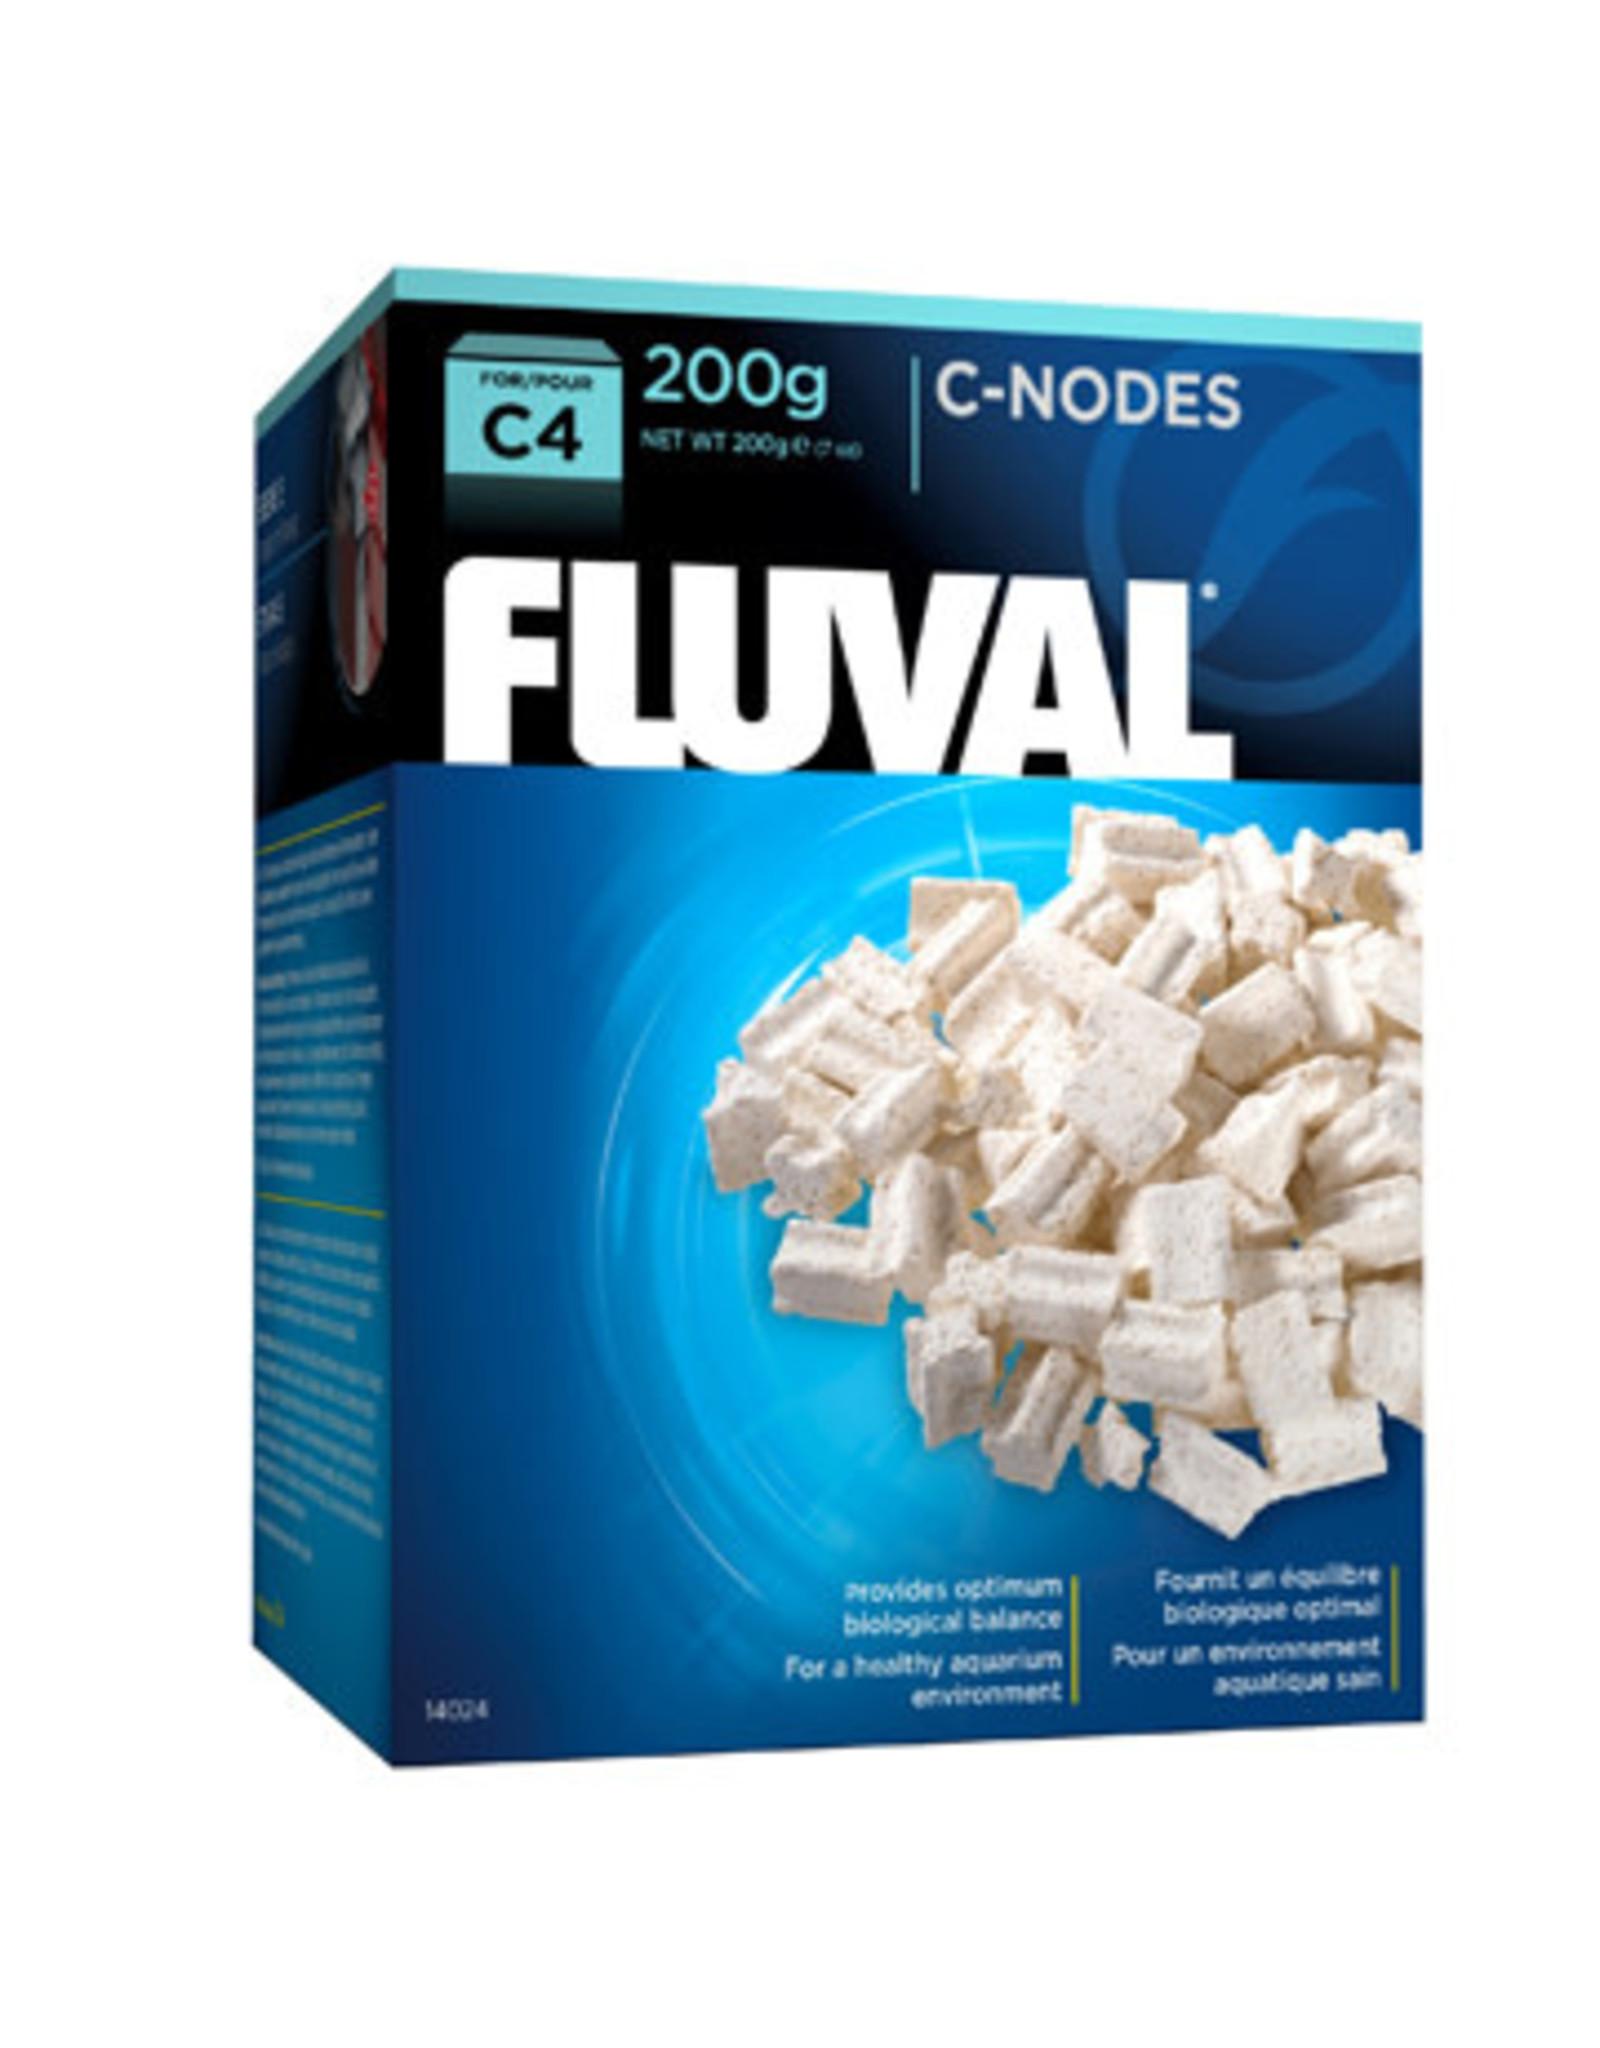 Fluval Fluval C-Nodes for Fluval C4 Power Filter - 200 g (7 oz)